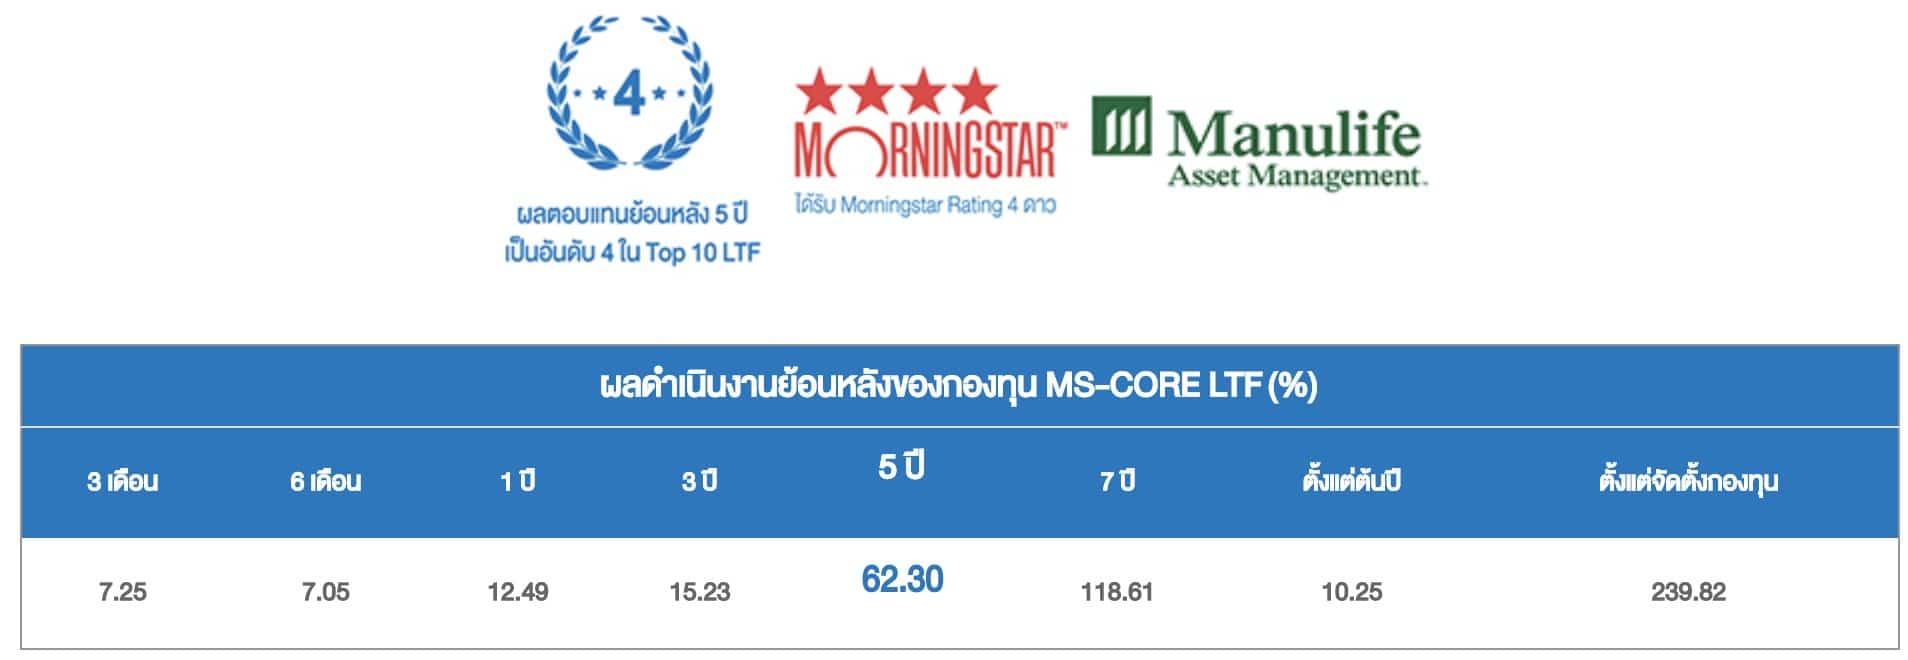 tmb-ltf-rmf-6